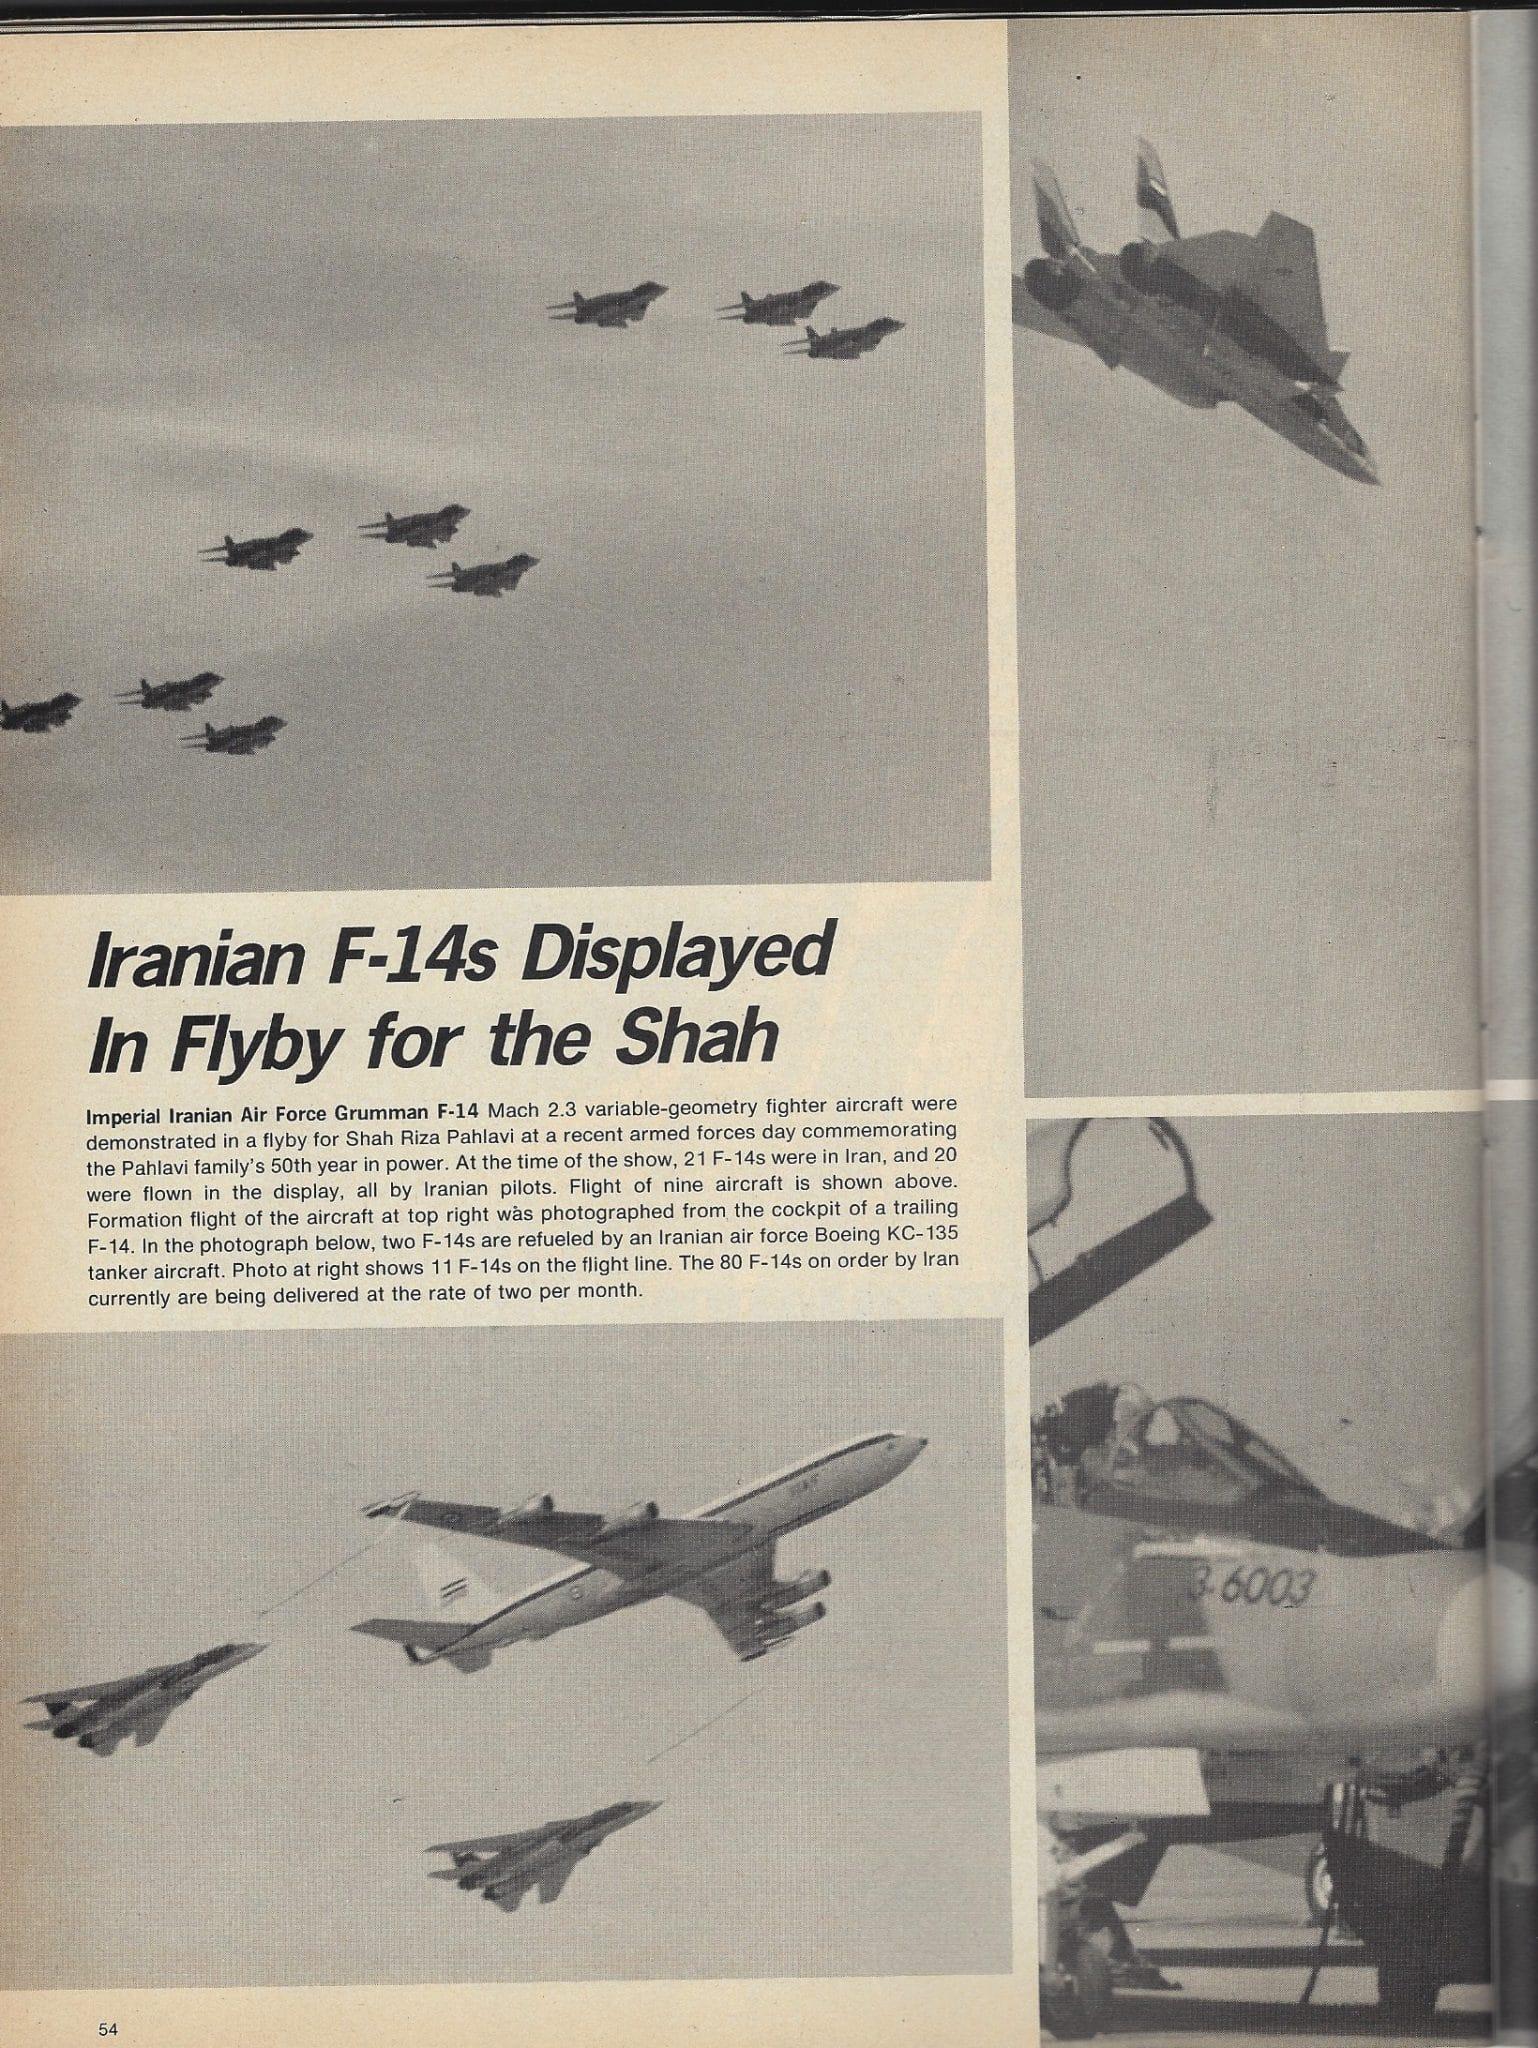 """من أرشيف مجلة """"أفياشين ويك"""": مقاتلات """"غرومان إف-١٤"""" إيرانية تقوم باستعراض أمام الشاه في العام ١٩٧٧! روسيا تستخدم """"اهتراء"""" سلاح الجو الإيراني للتلويح بورقة صواريخ """"إس-٣٠٠"""" كورقة ضغط على طهران قبل أن تكون ورقة ضغط على إسرائيل!"""